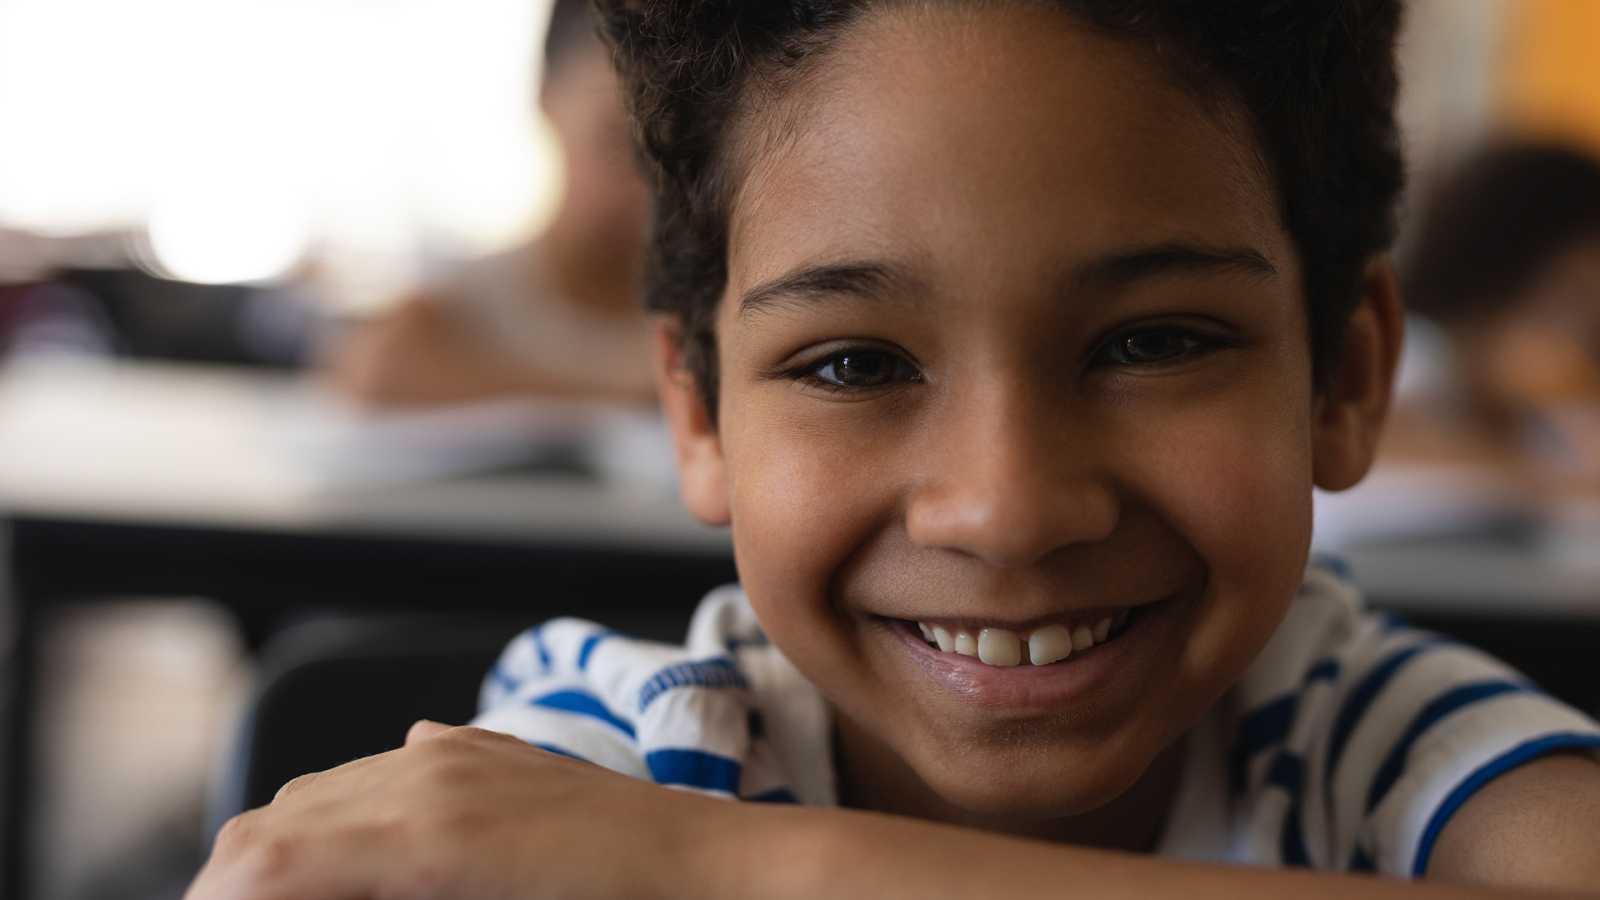 Espacio iberoamericano - Proteger a la infancia - 06/07/21 - Escuchar ahora